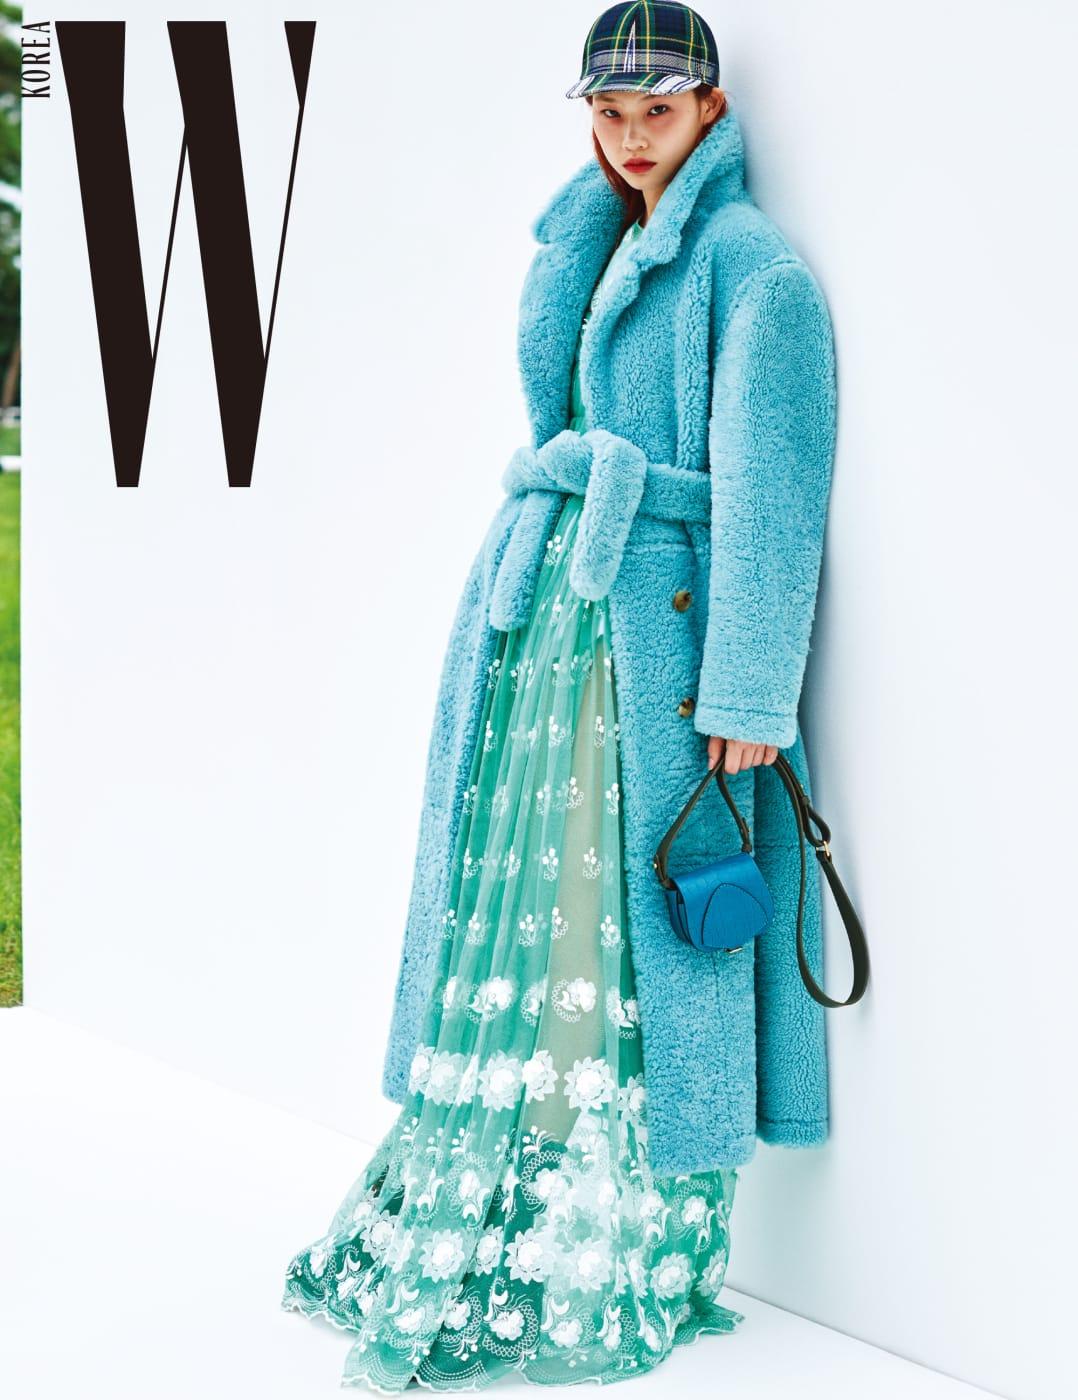 시어링 오버사이즈 코트, 엠브로이더리 튤 개더 드레스, 타탄 야구모자, 앨리게이터 포켓 사첼백은 모두 Burberry 제품.